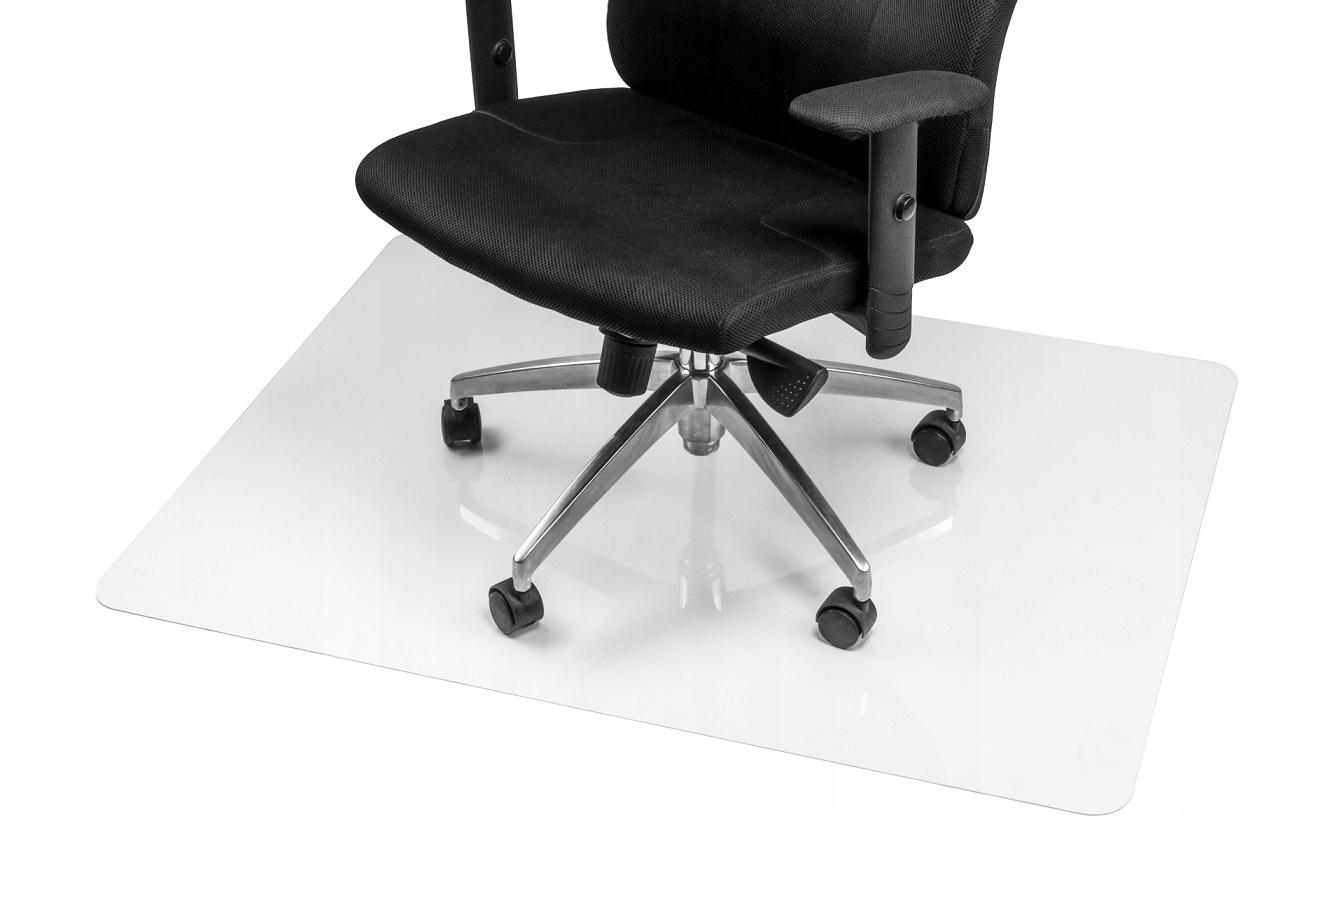 мат защитный поликарбонат под кресло кресло 205x125